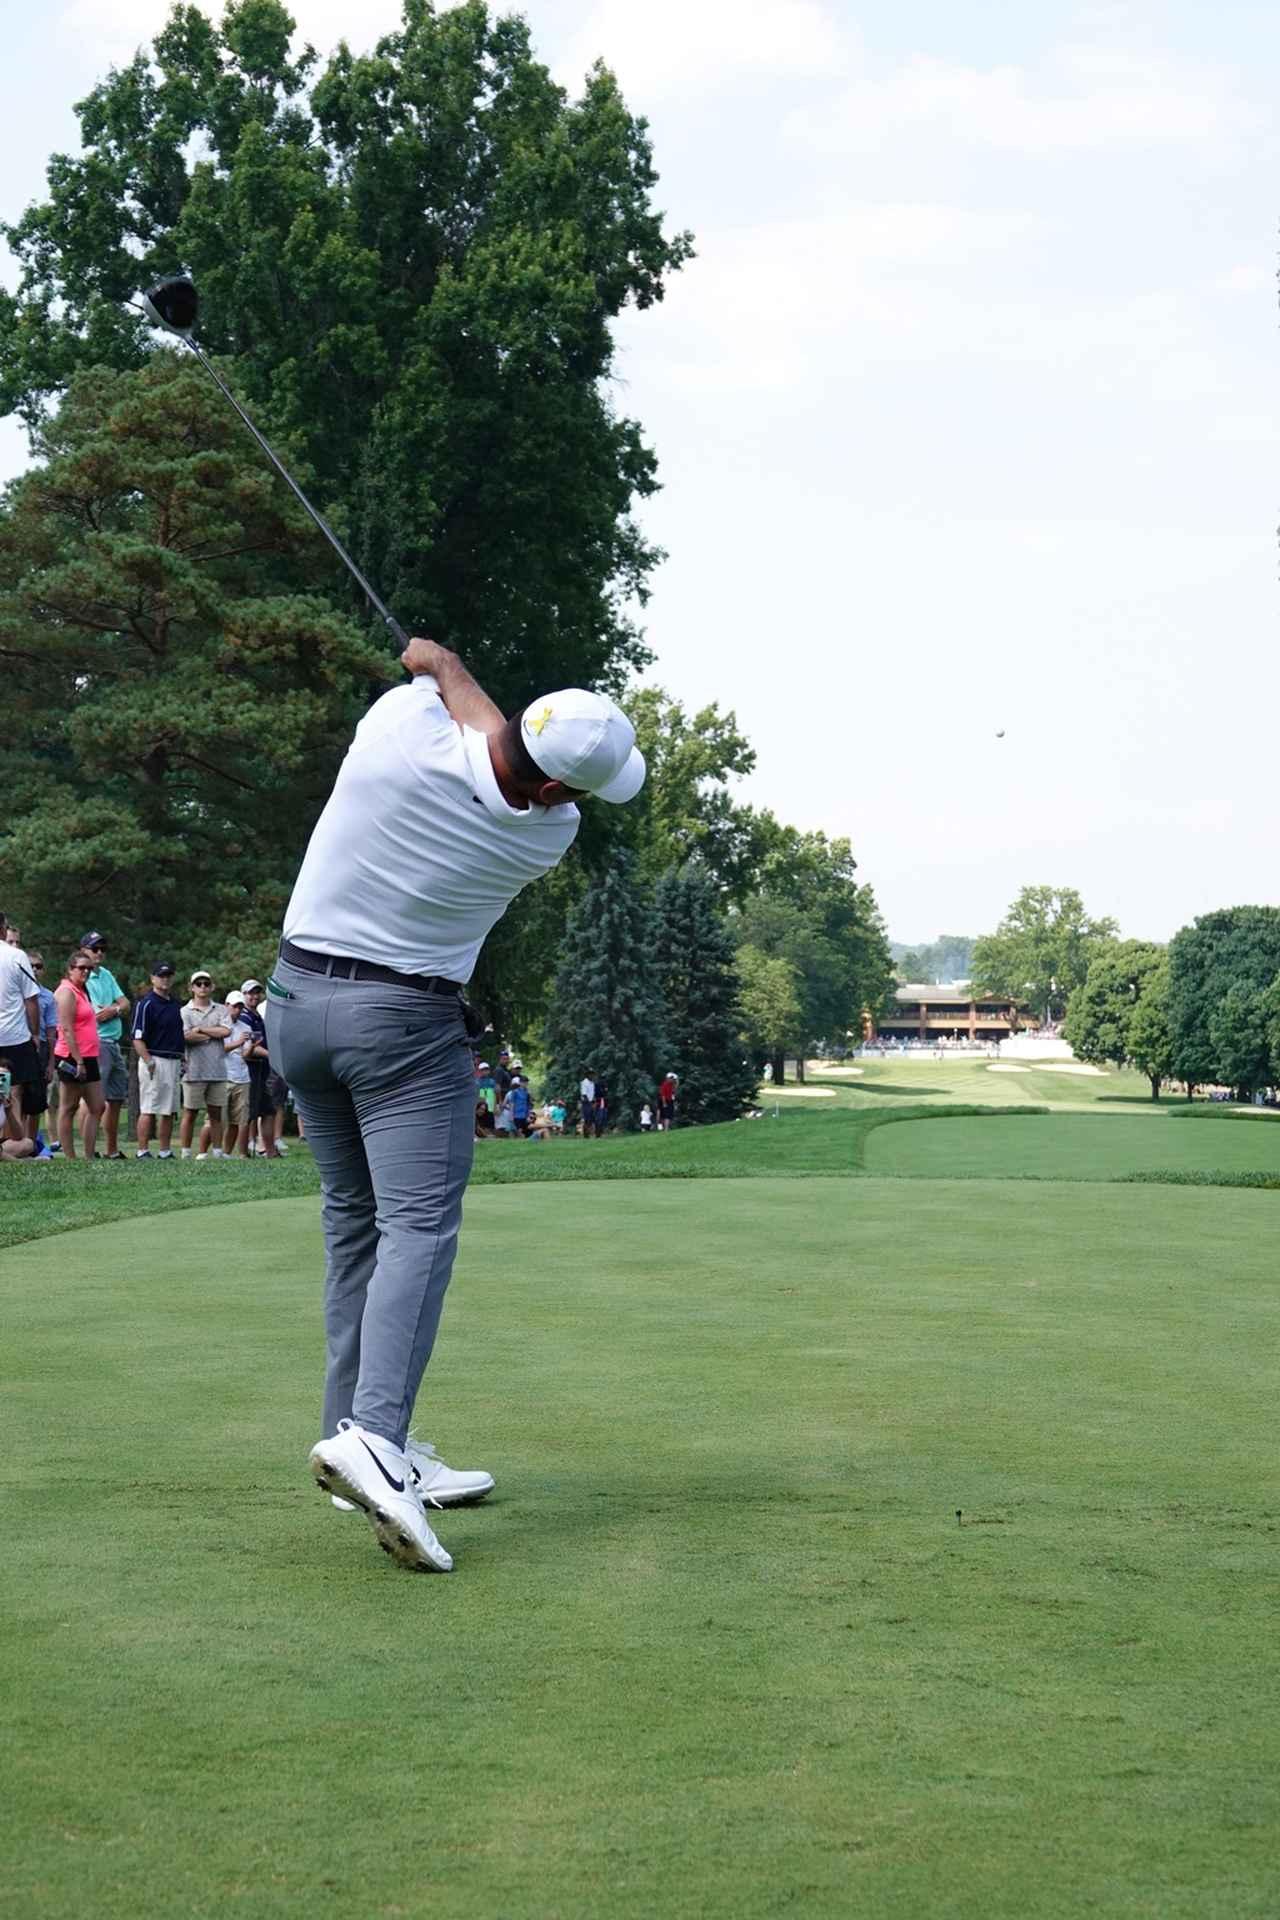 Images : 14番目の画像 - スウィング改造でフェードヒッターに!? ジェイソン・デイのドライバー連続写真 - みんなのゴルフダイジェスト